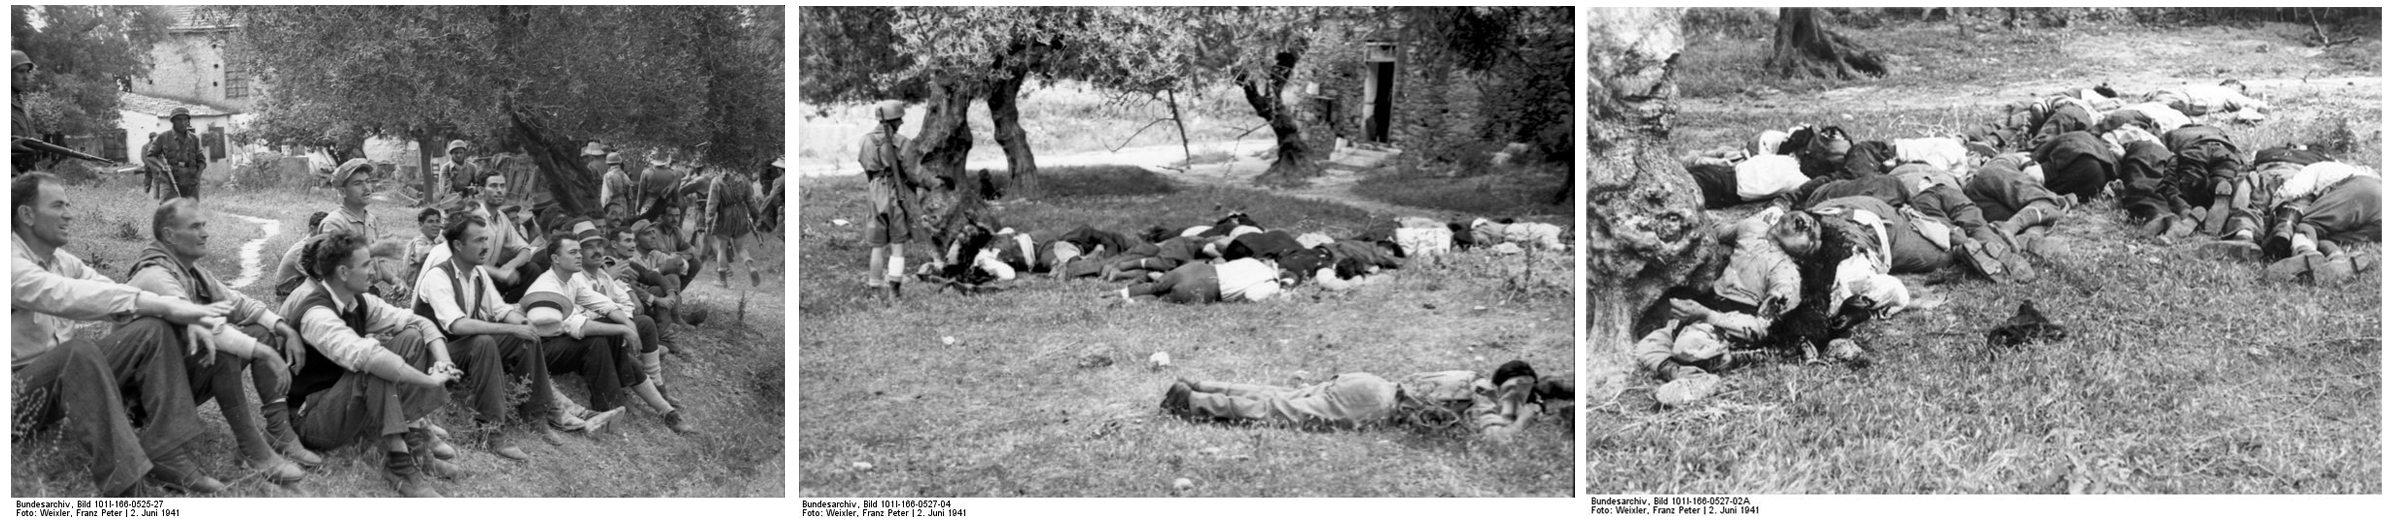 Kondomari-Massacre